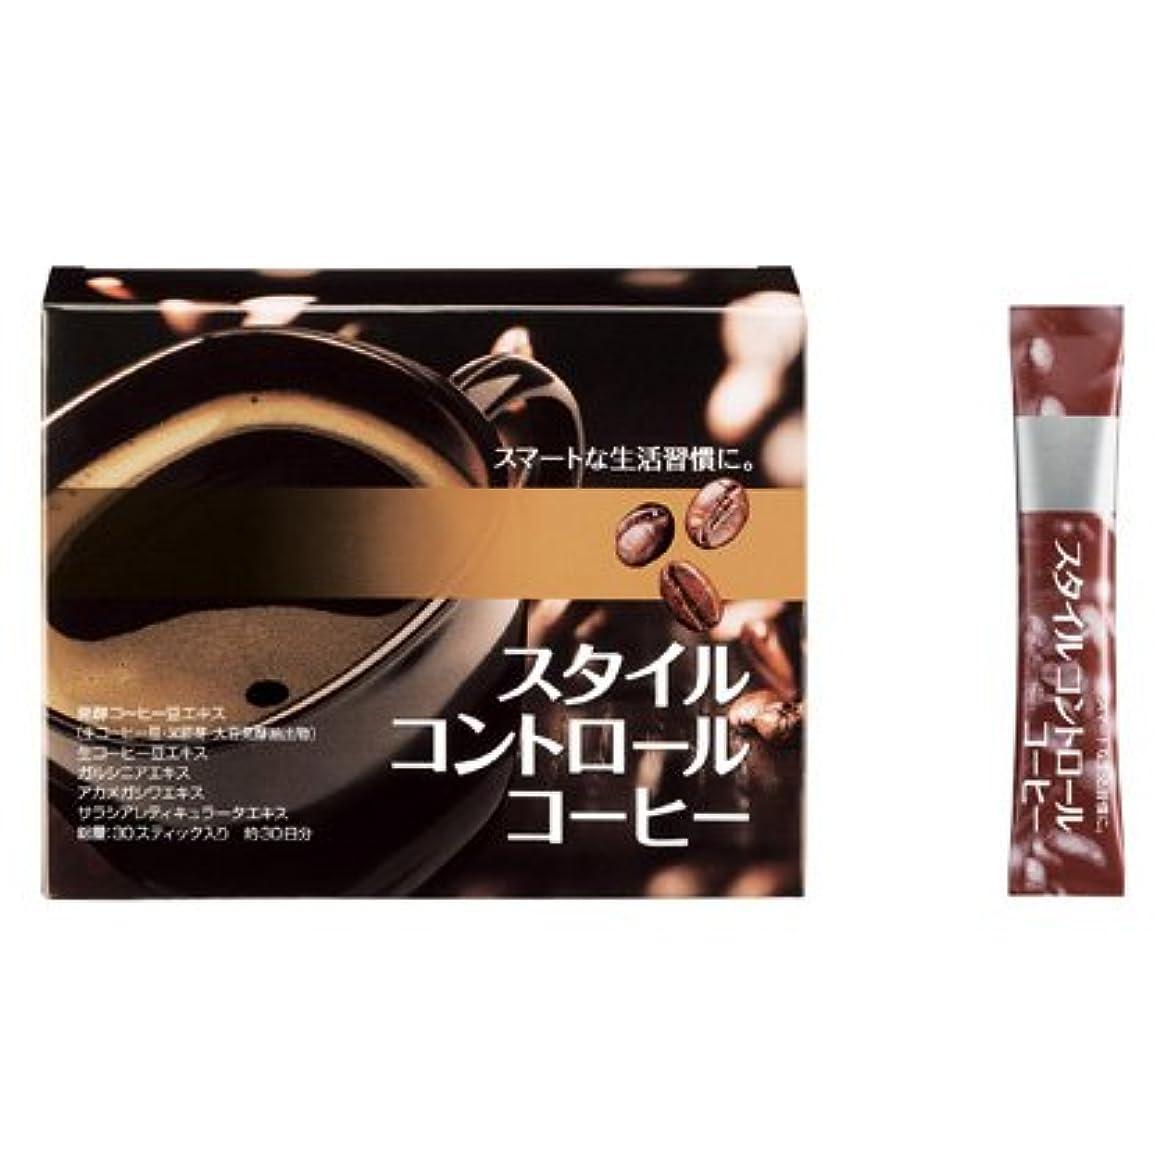 非効率的な広い品種エイボン ライフ ダイエットコーヒー (2.9g×30スティック)